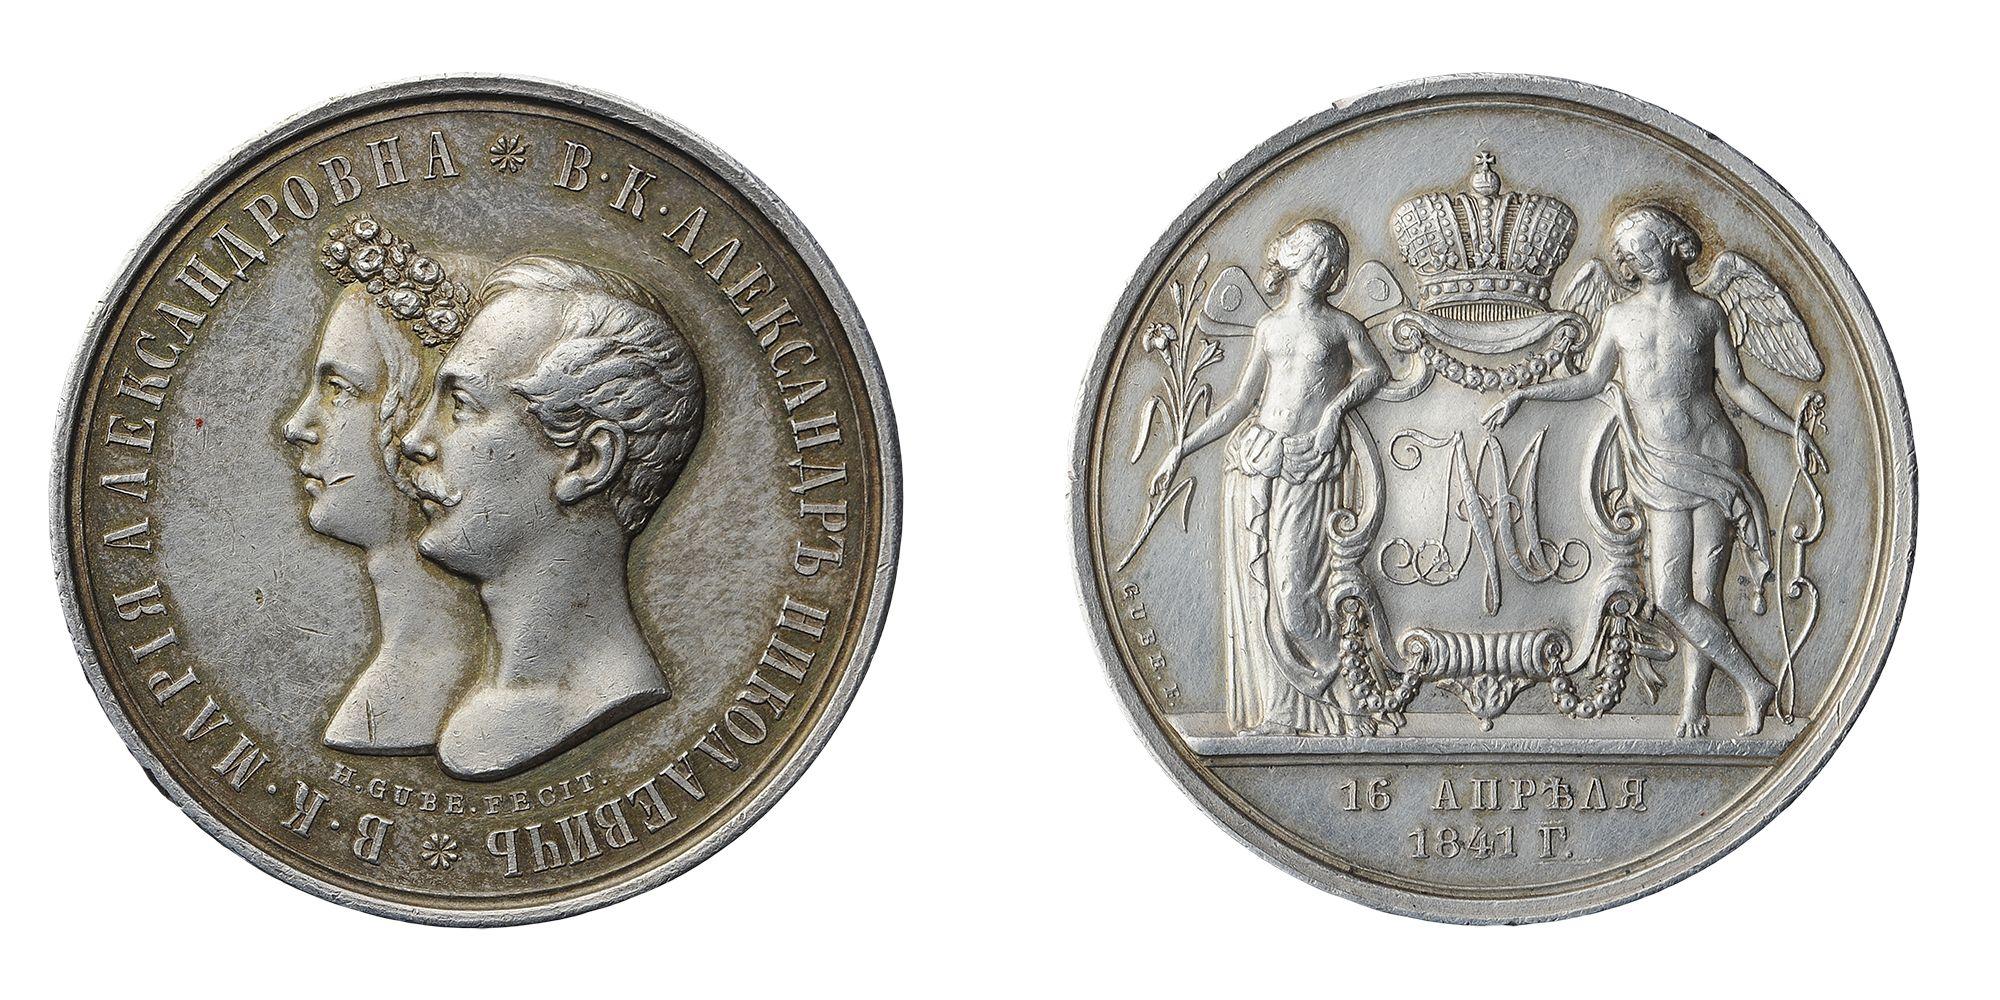 Настольная медаль «В память бракосочетания наследника престола. 16 апреля 1841 г.»